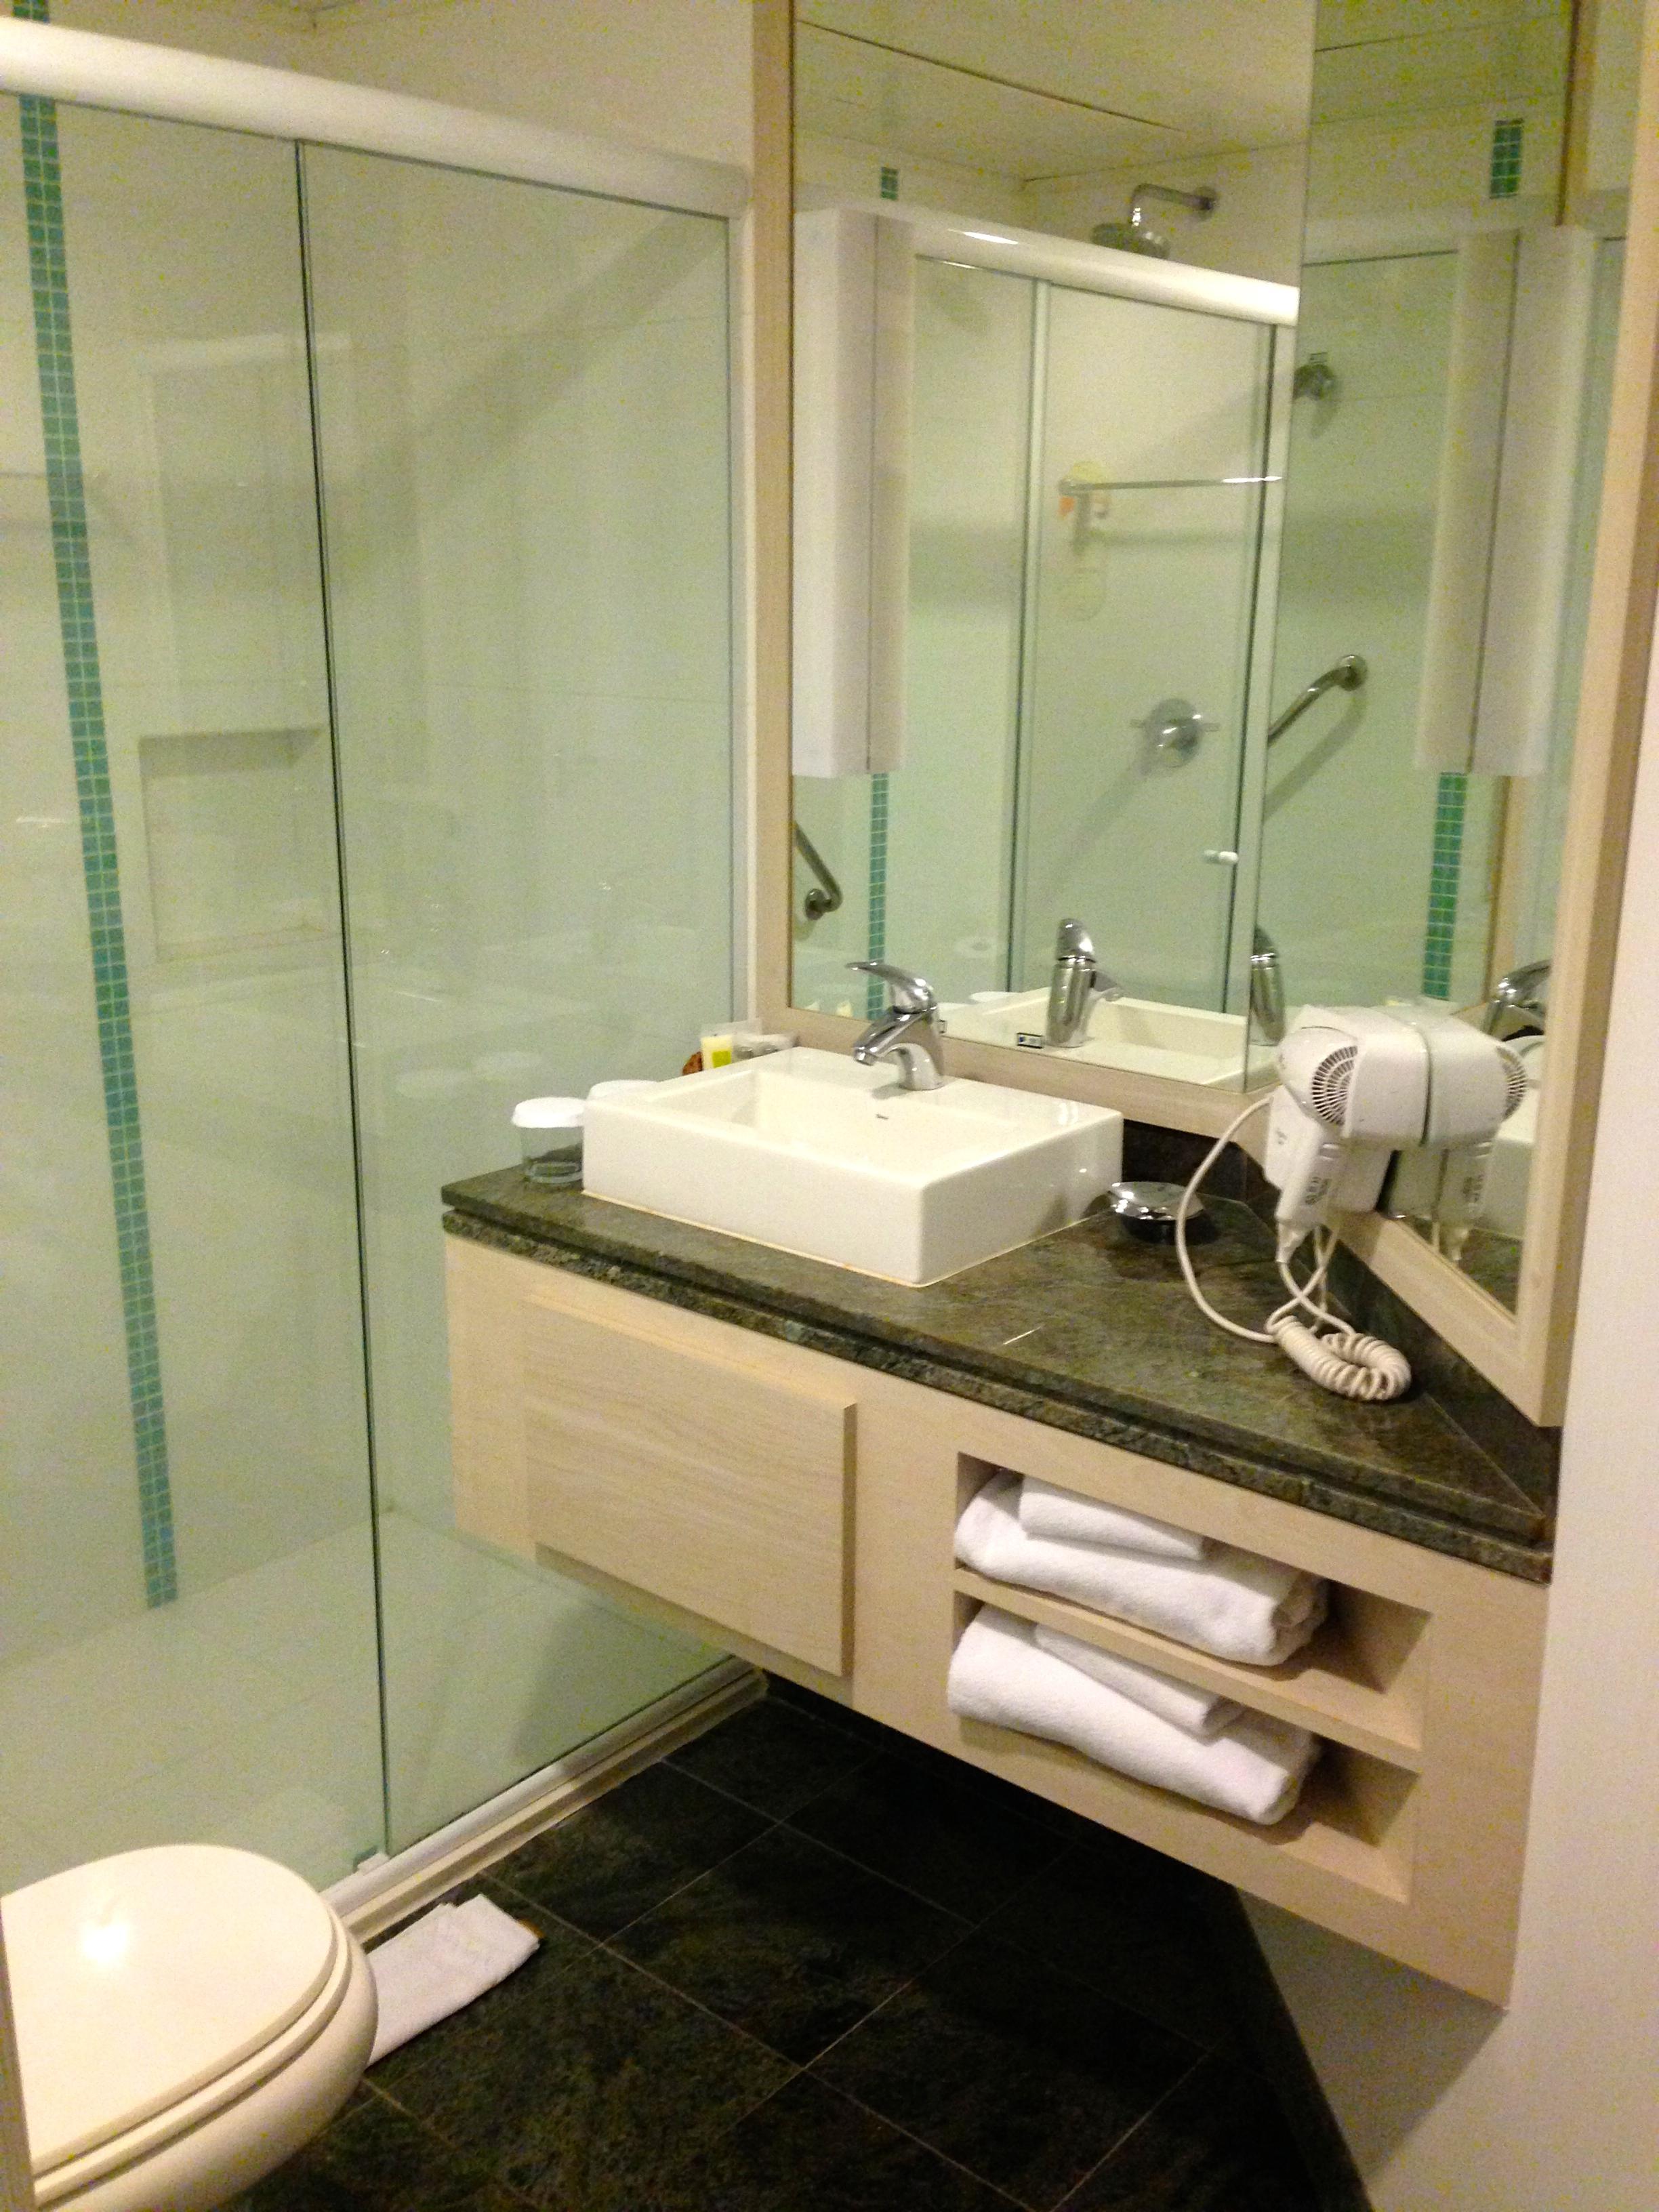 Já o banheiro é bonito funcional e moderno. Os amenizeis são da  #967535 2448x3264 Banheiro Bonito E Funcional